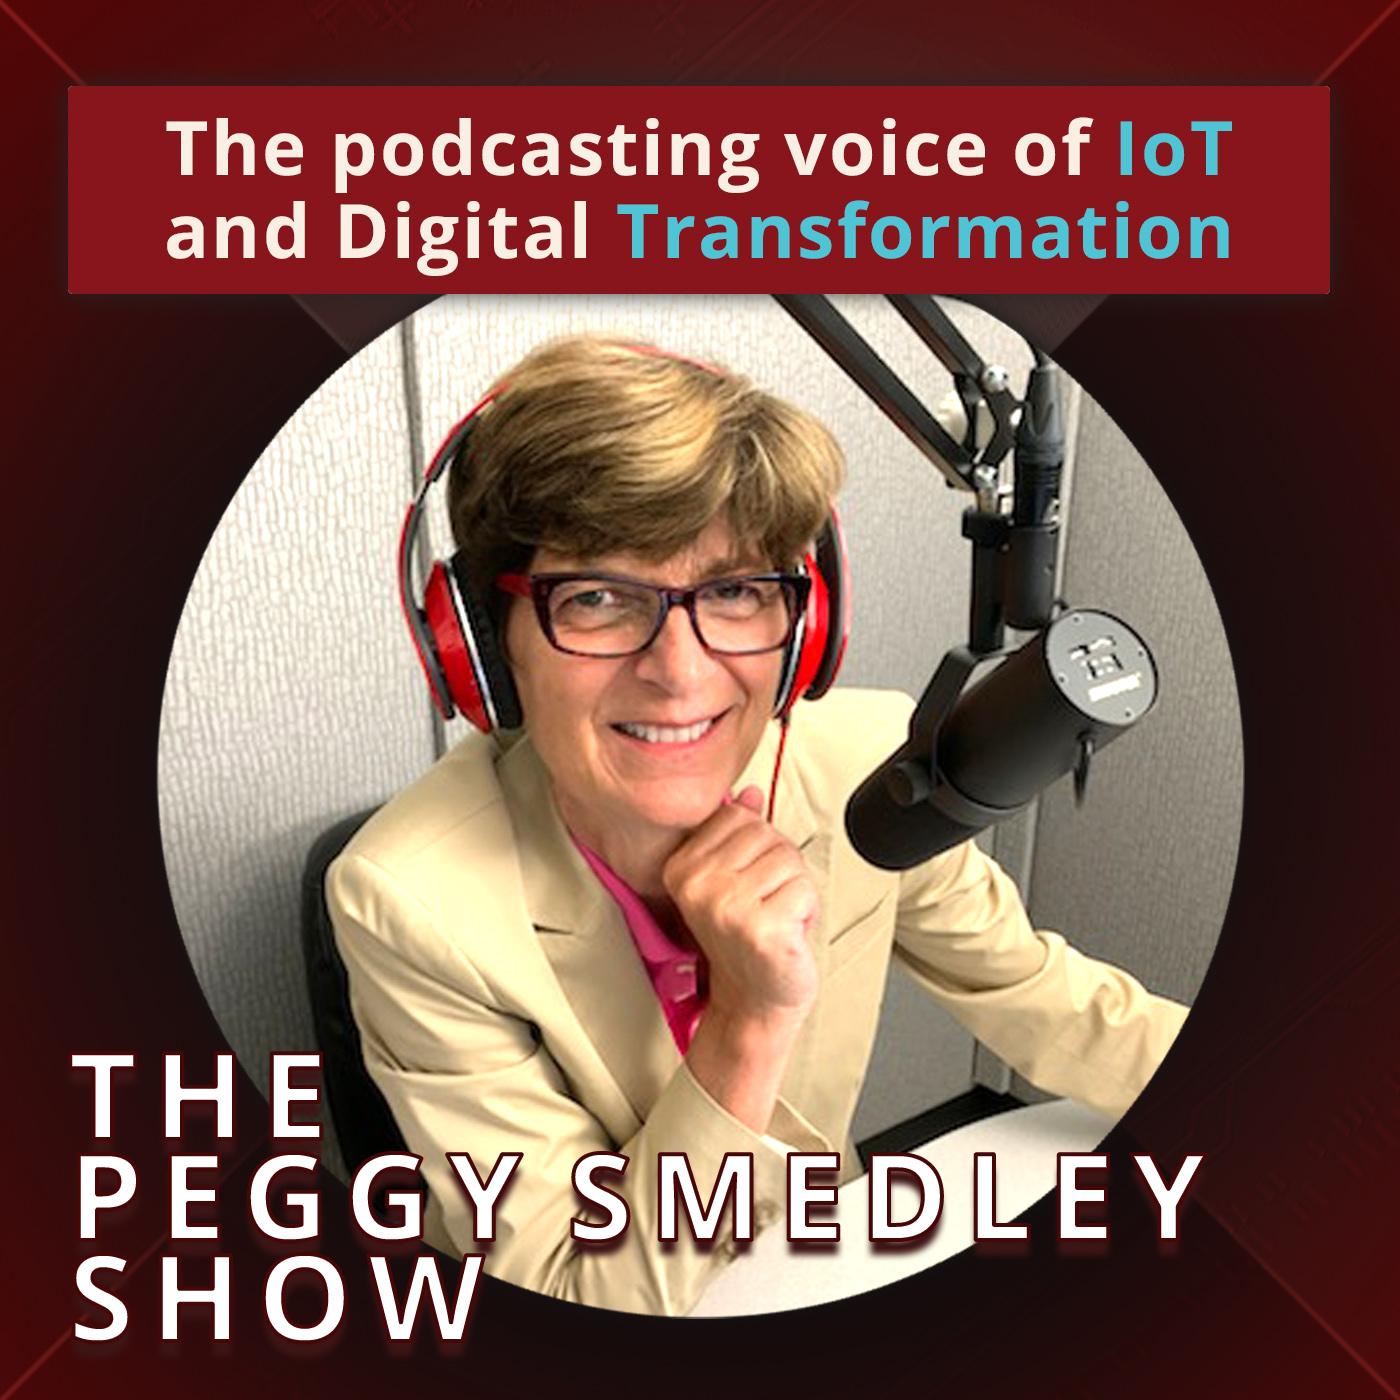 The Peggy Smedley Show show art